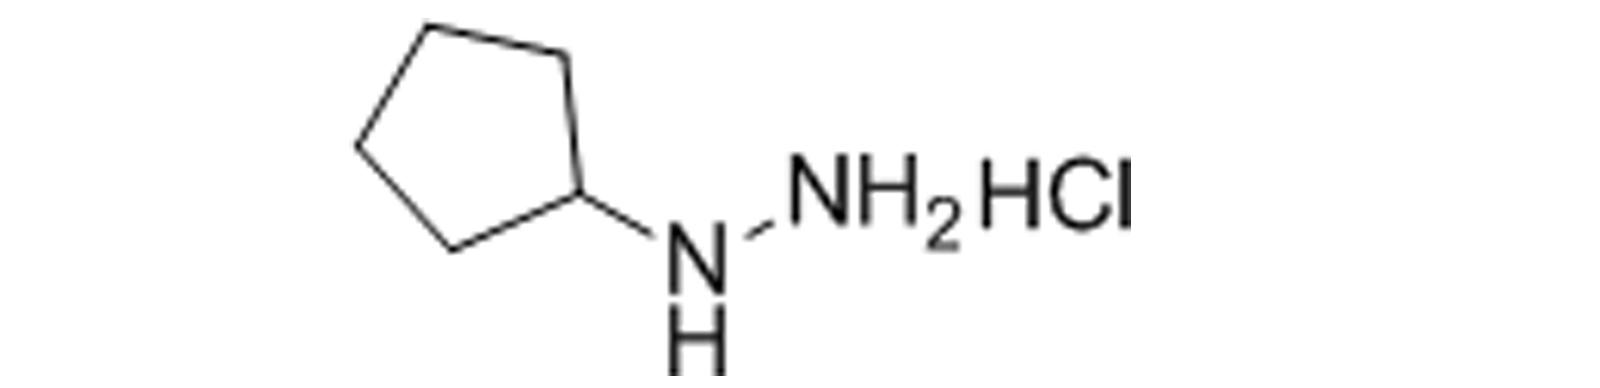 环戊基肼盐酸盐厂家,环戊基肼盐酸盐